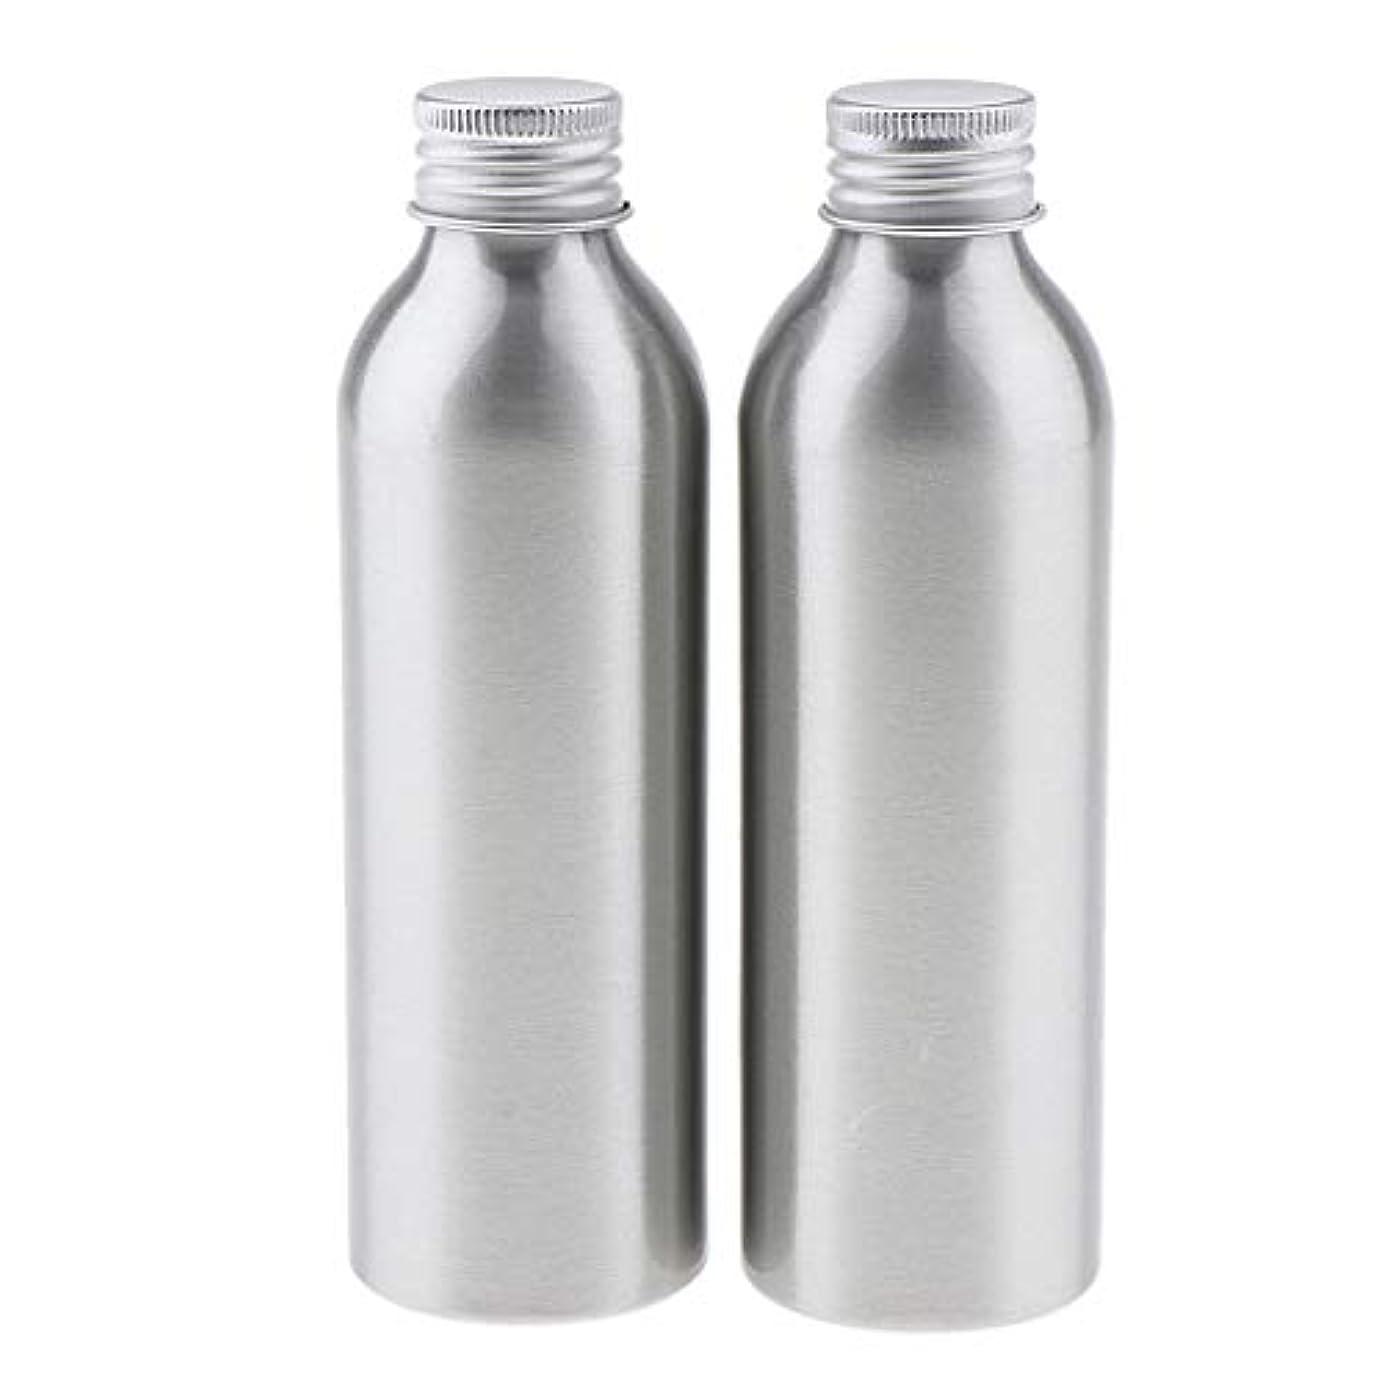 近傍生命体織る2本 アルミボトル 空容器 化粧品収納容器 ディスペンサーボトル シルバー 全5サイズ - 150ml